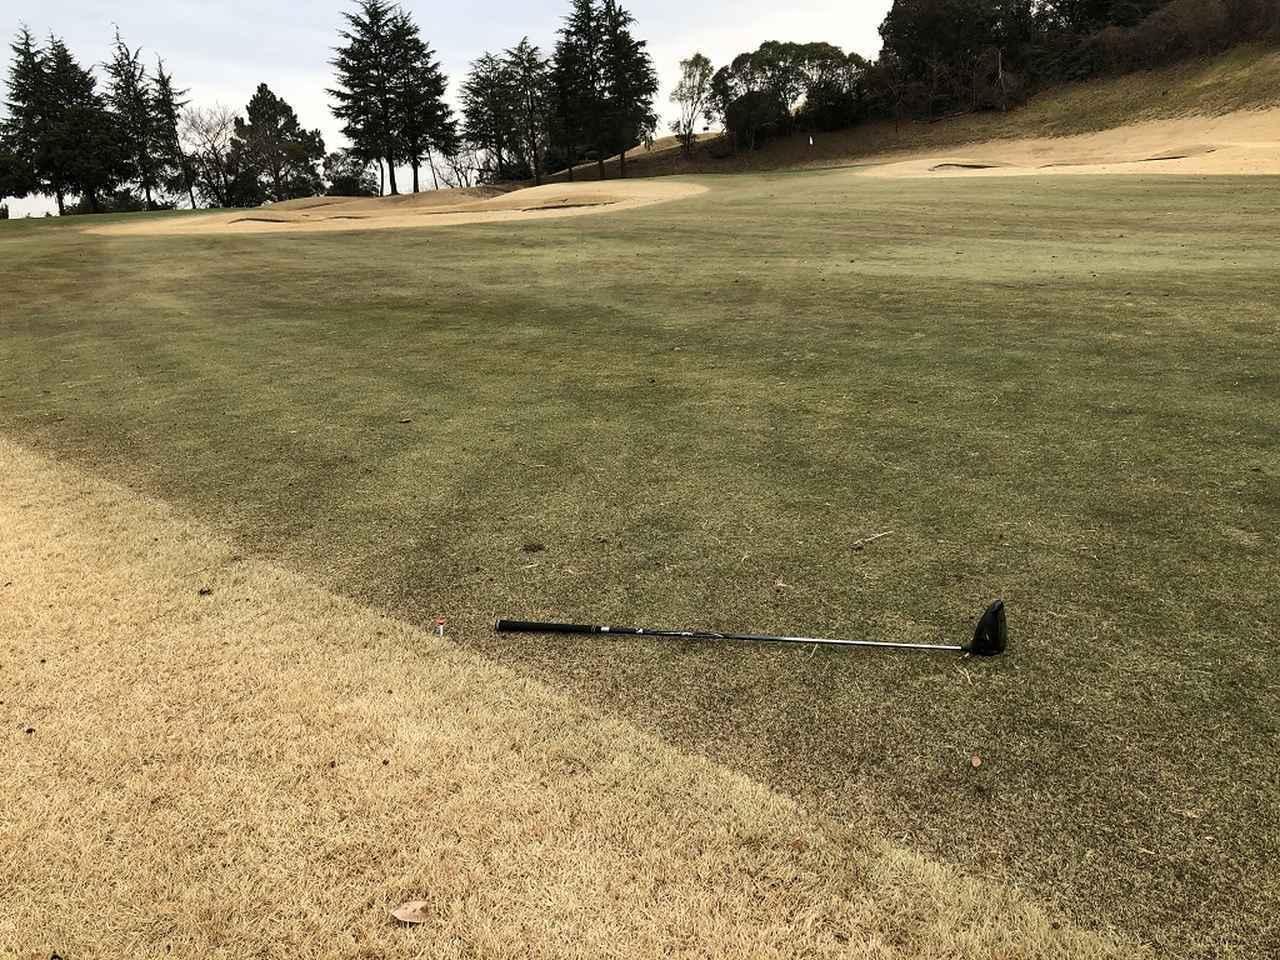 画像: コースから「前進4打の特設ティ」が消えた!? 競技ゴルファーライターの新ルール体験記 - みんなのゴルフダイジェスト